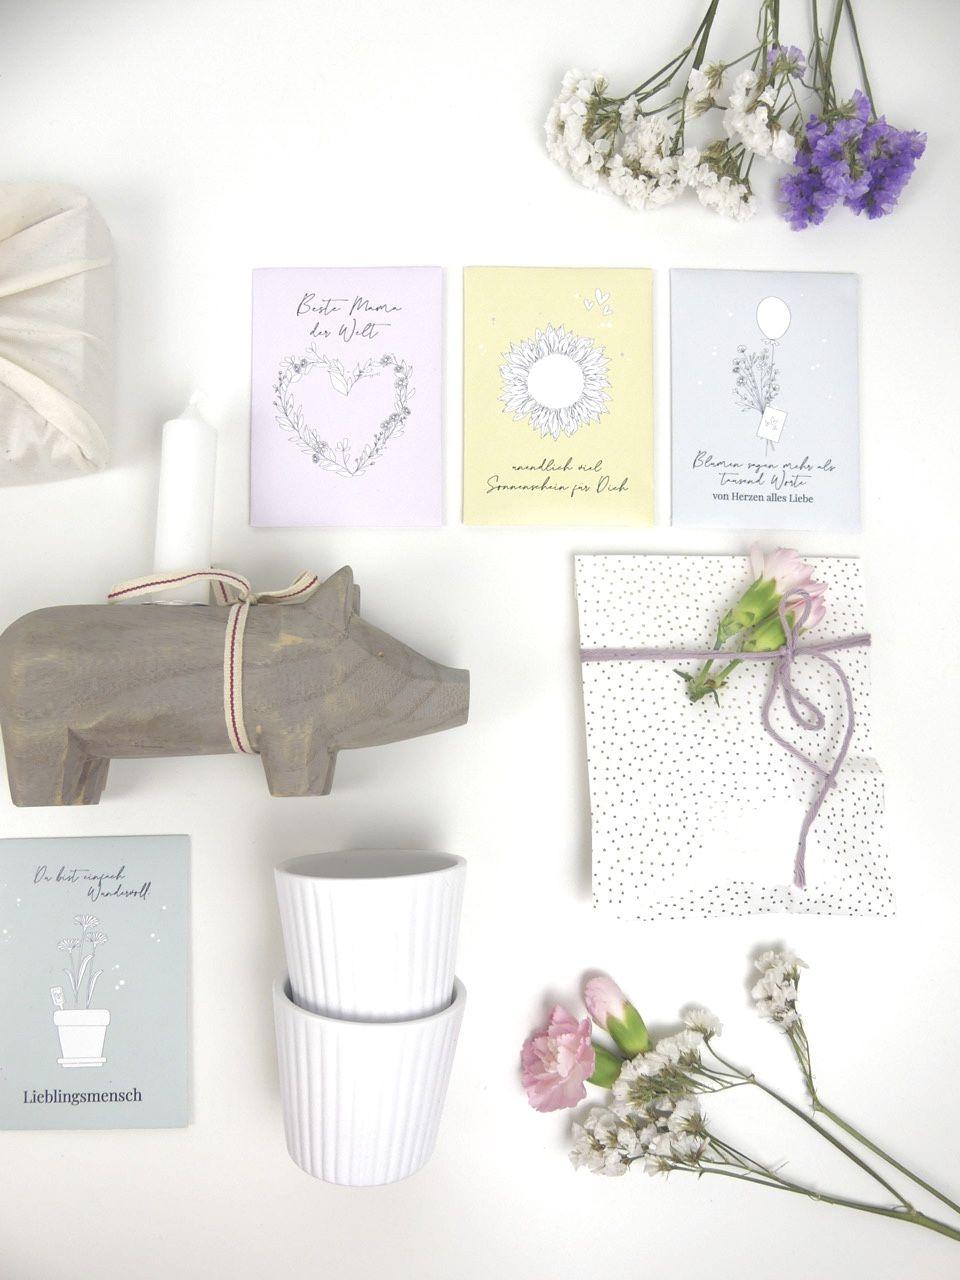 Verbluhmeinnicht Geschenkidee Ein Care Paket Fur Deine Freunde Und Familie In 2020 Geschenk Schwester Basteln Geschenkideen Familie Geschenk